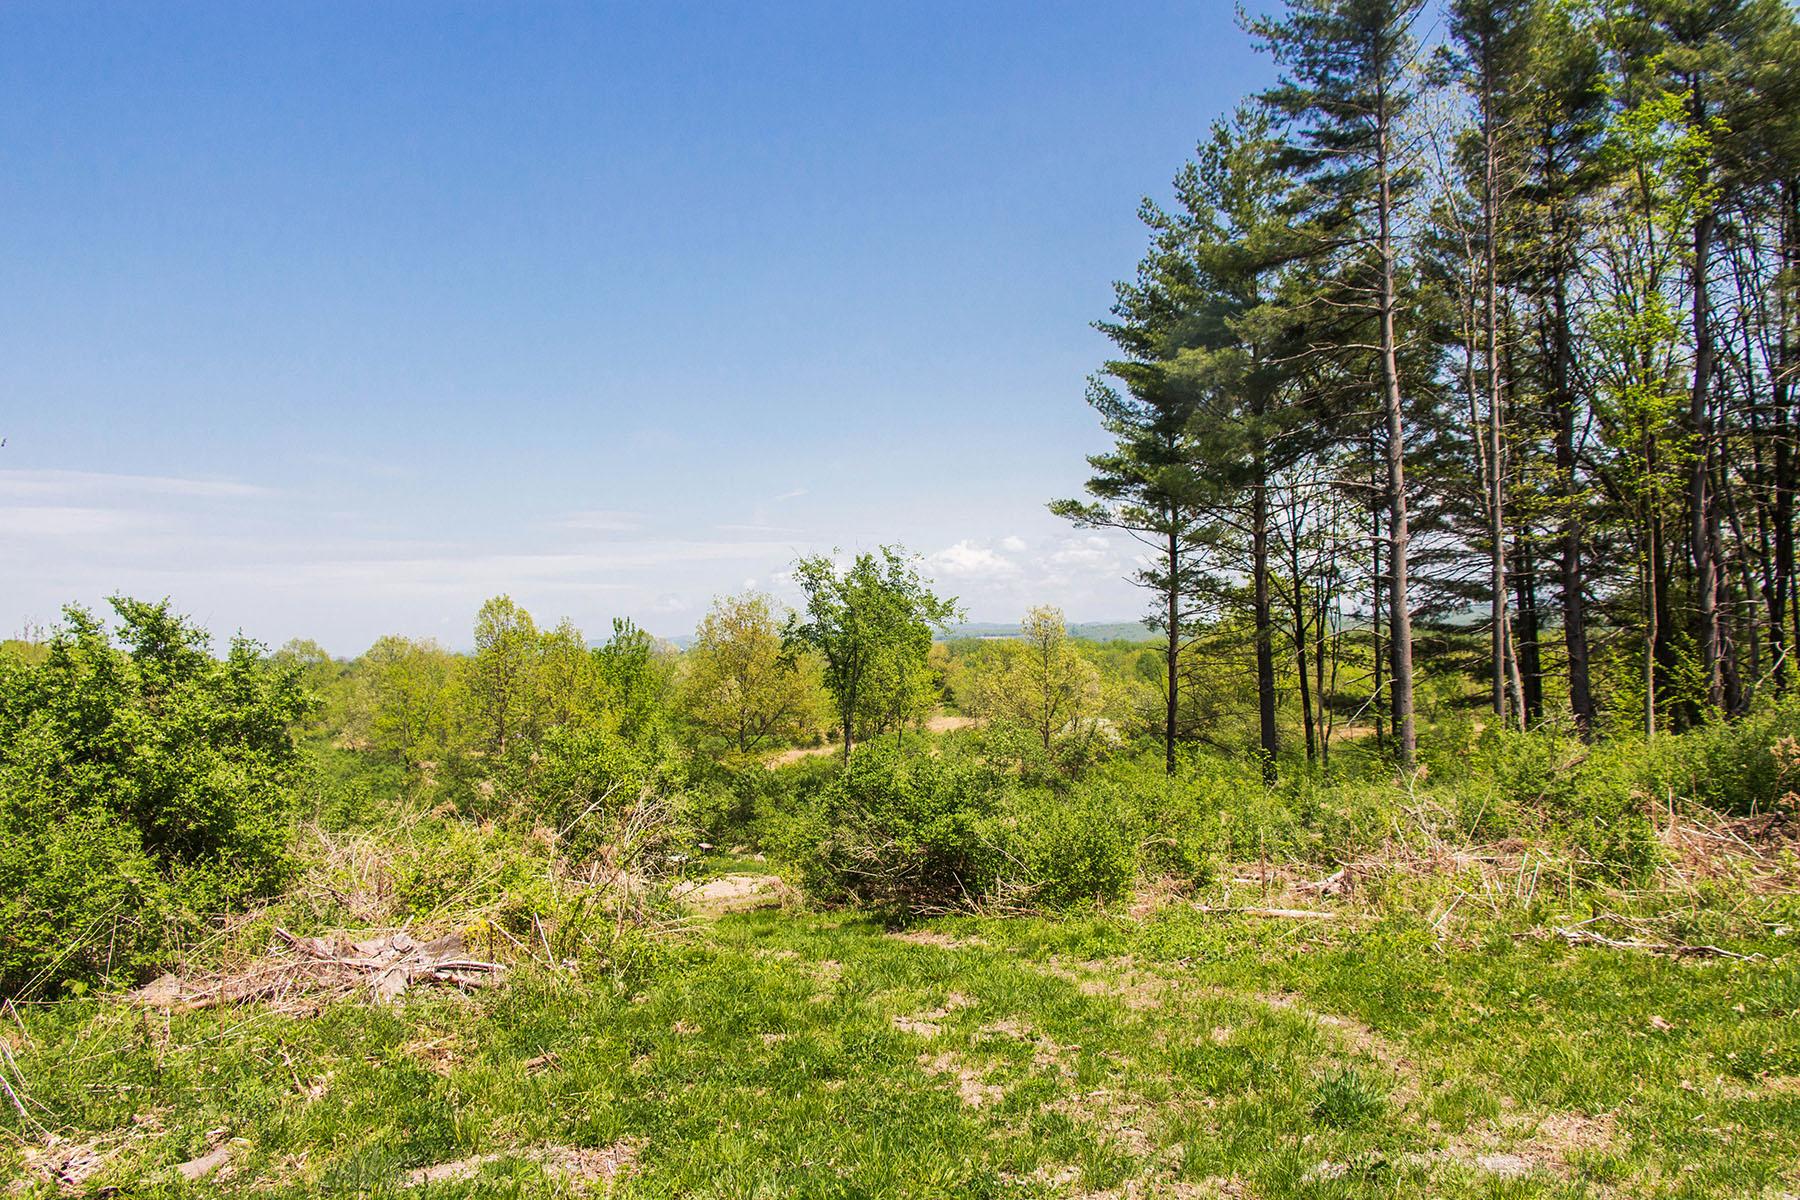 Đất đai vì Bán tại Property with Views 392 Mott Road Gansevoort, New York 12831 Hoa Kỳ